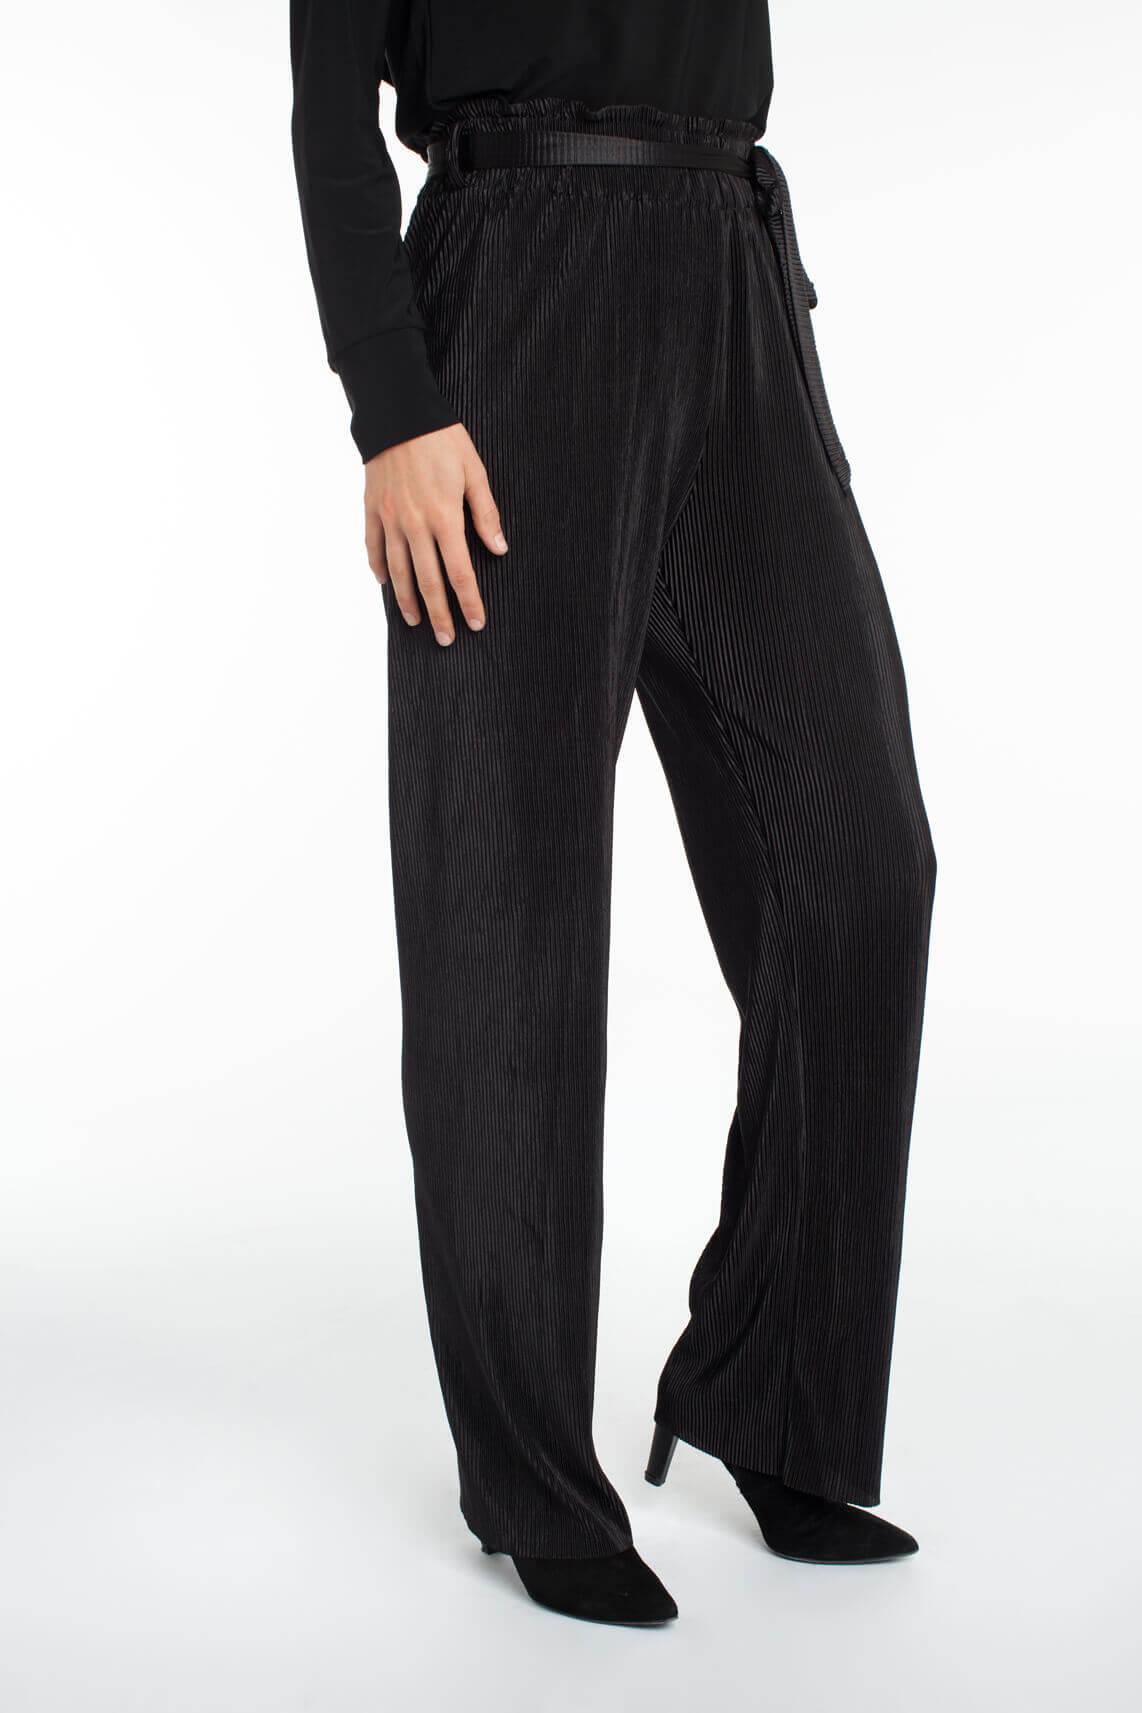 Anna Dames Plissé broek zwart